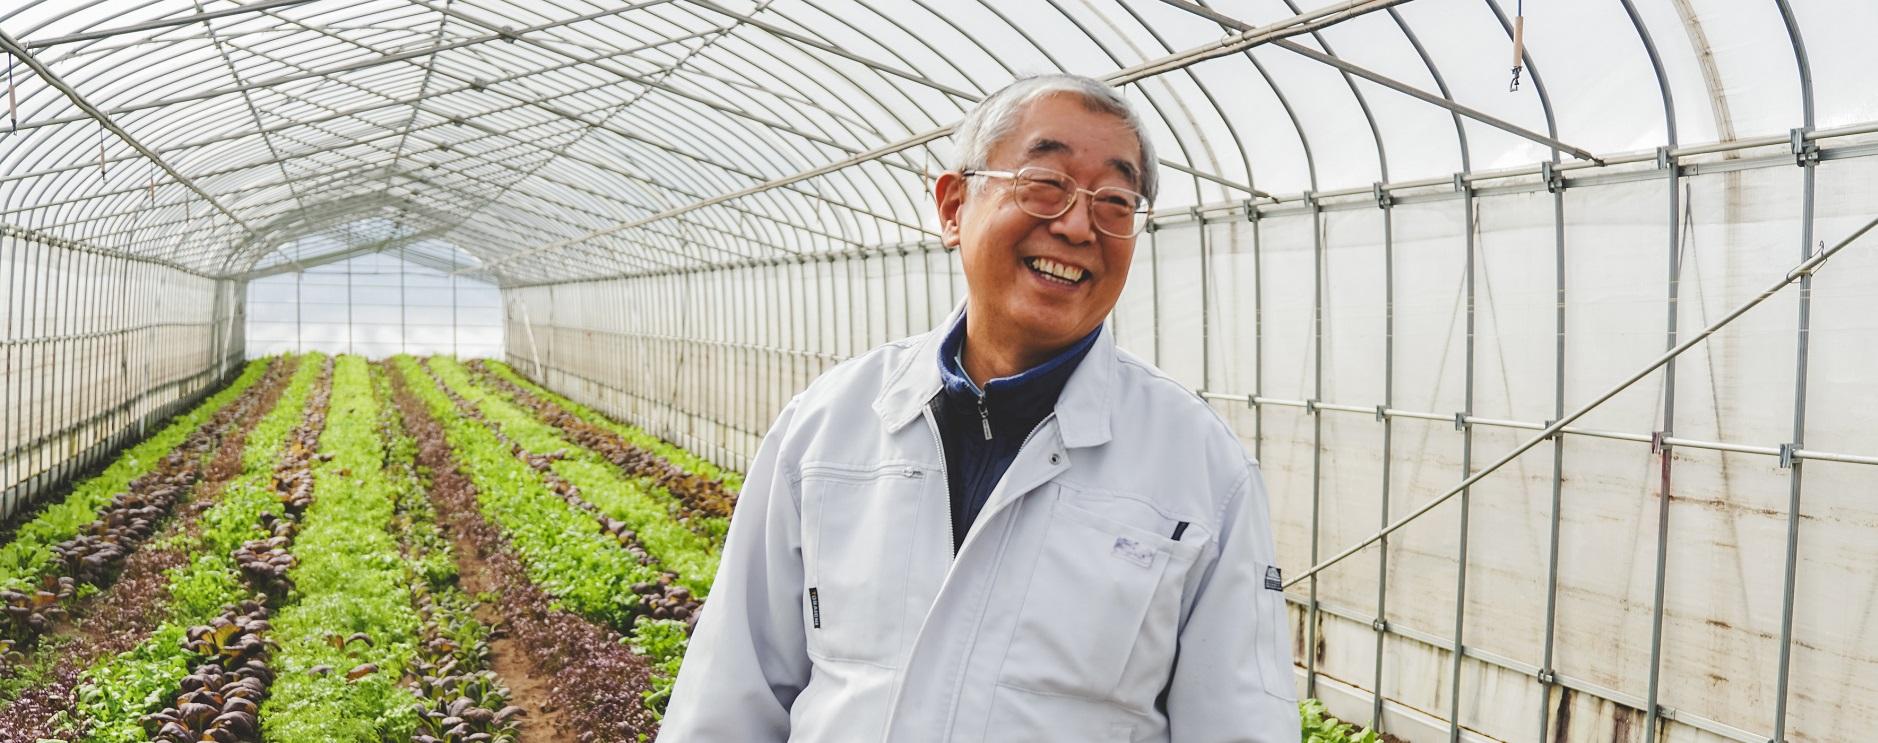 持続可能な農業。小林さんの挑戦。